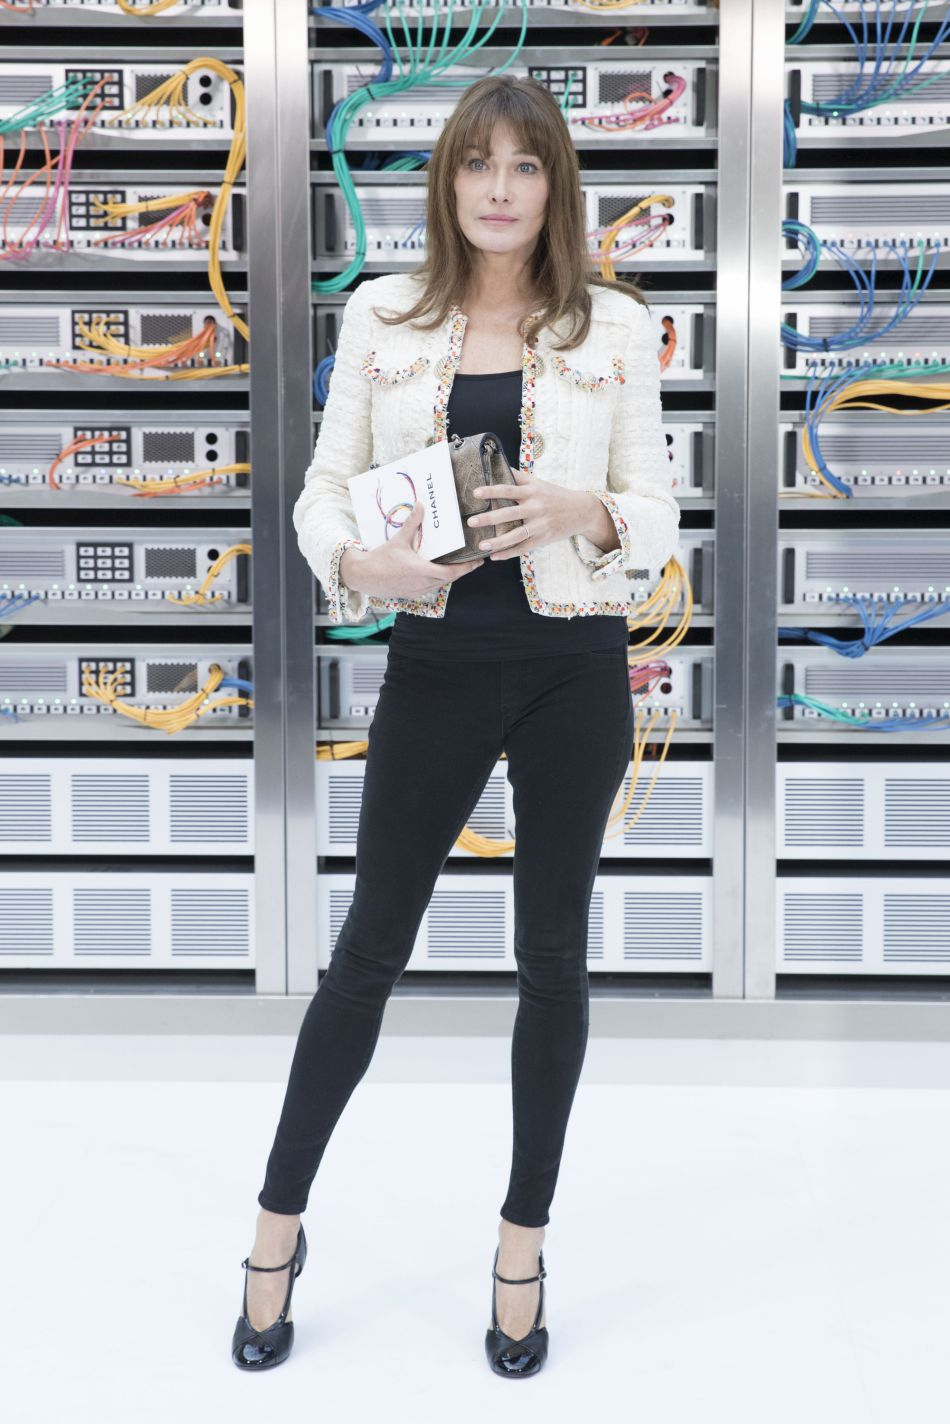 Chanel printemps-été 2017 : Carla Bruni a affiché ses longues jambes dans un slim noir.